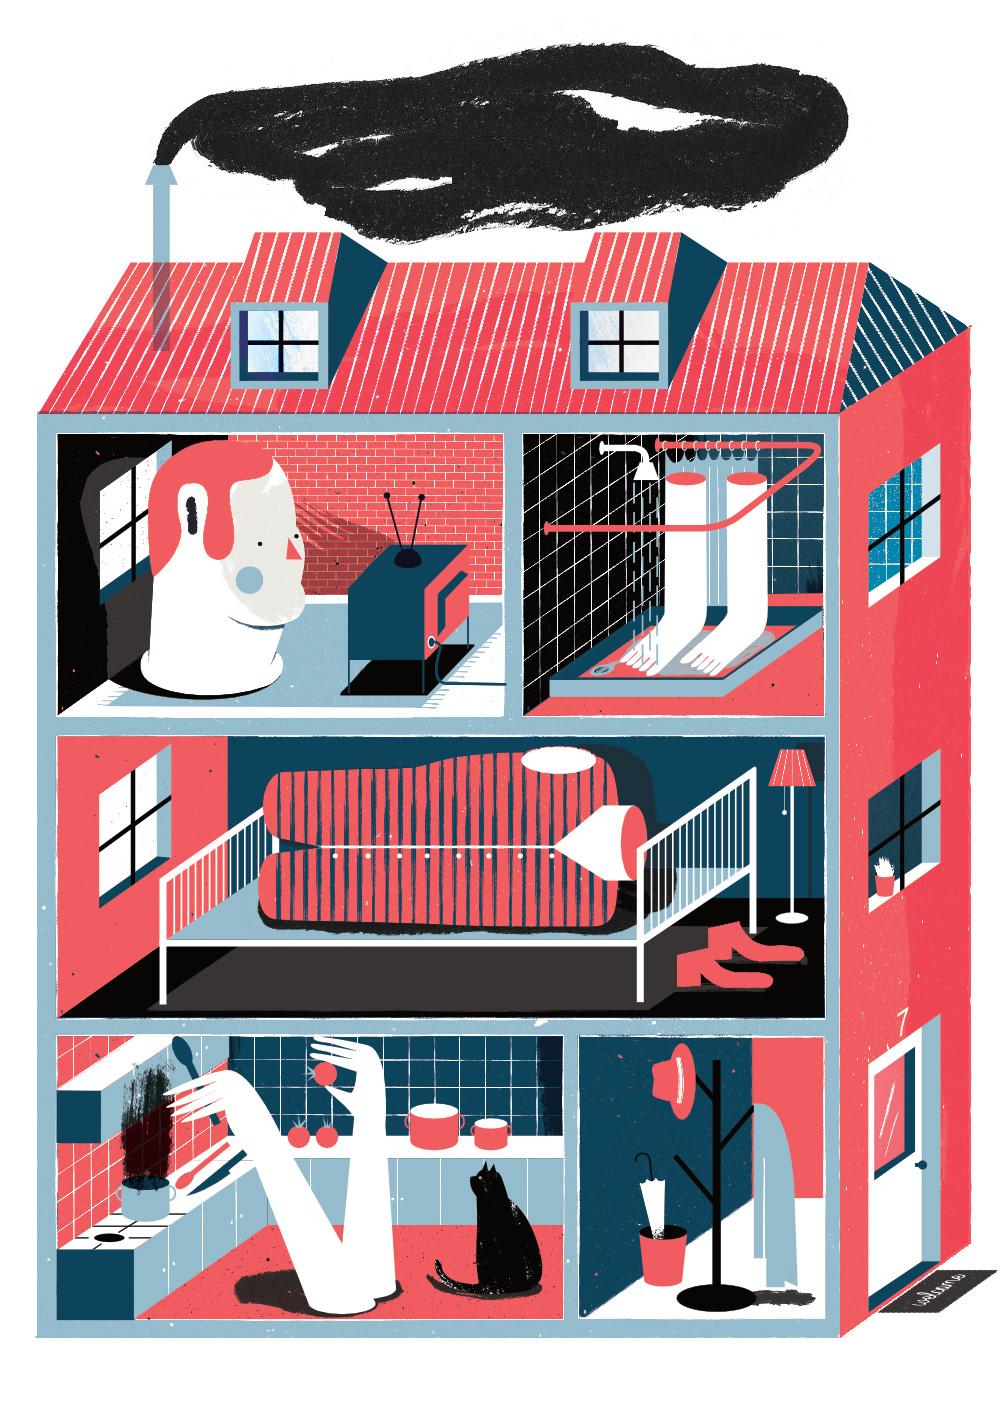 Le vivaci illustrazioni di Tiago Galo | Collater.al 1